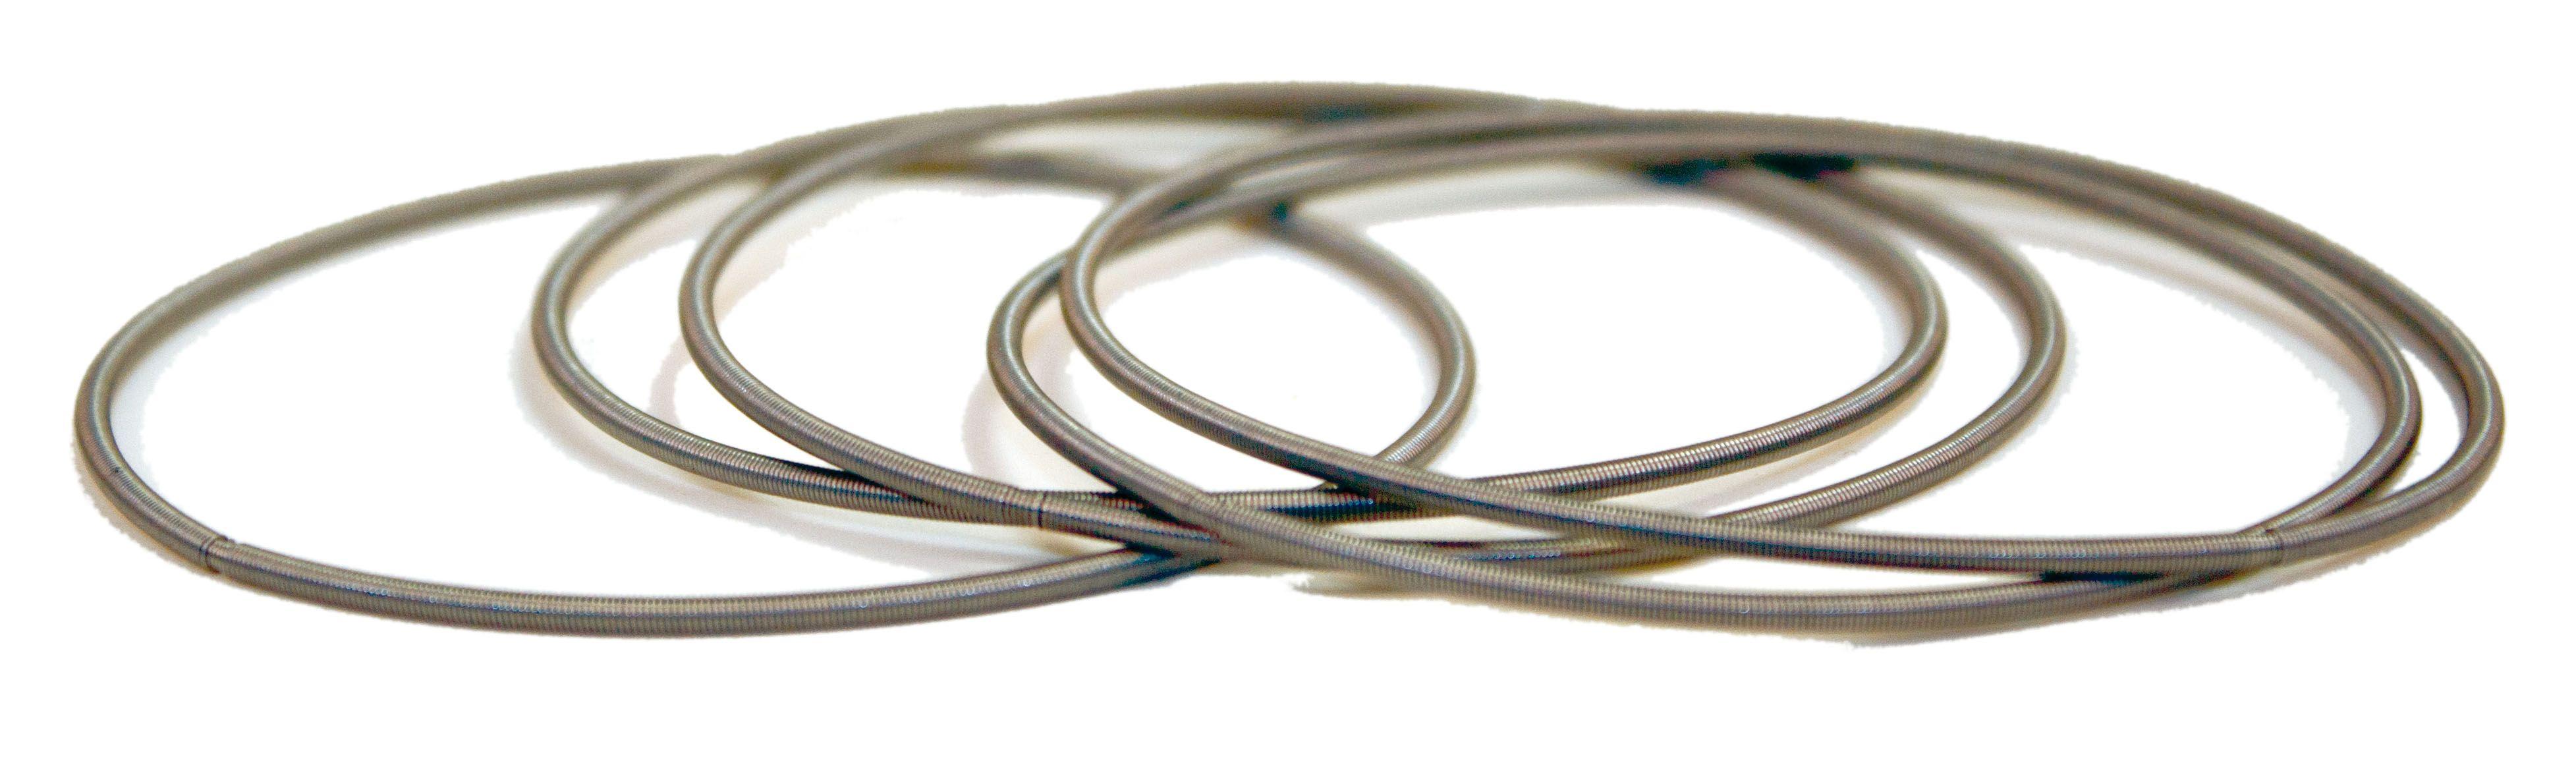 MUELLES DE PULSERA. Fabricado en alambre de acero Inoxidable AISI 302 EN 10270 - 3 1.4310 X 10 CrNi18-8. CÓDIGO 1447 con 20 unidades por bolsa (granel) o CÓDIGO 2447 con 20 unidades por blíster.